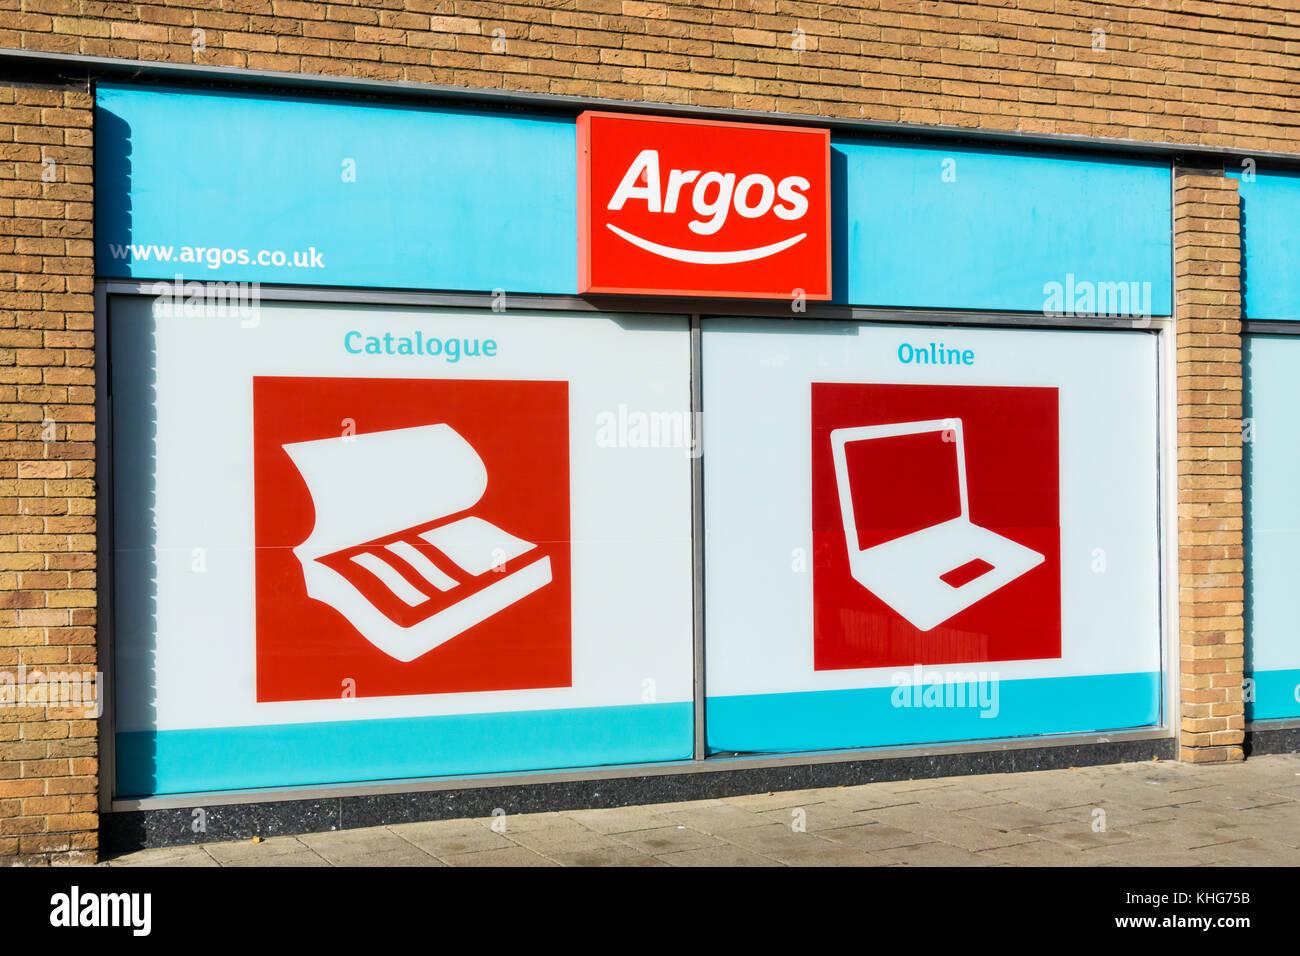 Argos Catalogue Stock Photos & Argos Catalogue Stock Images